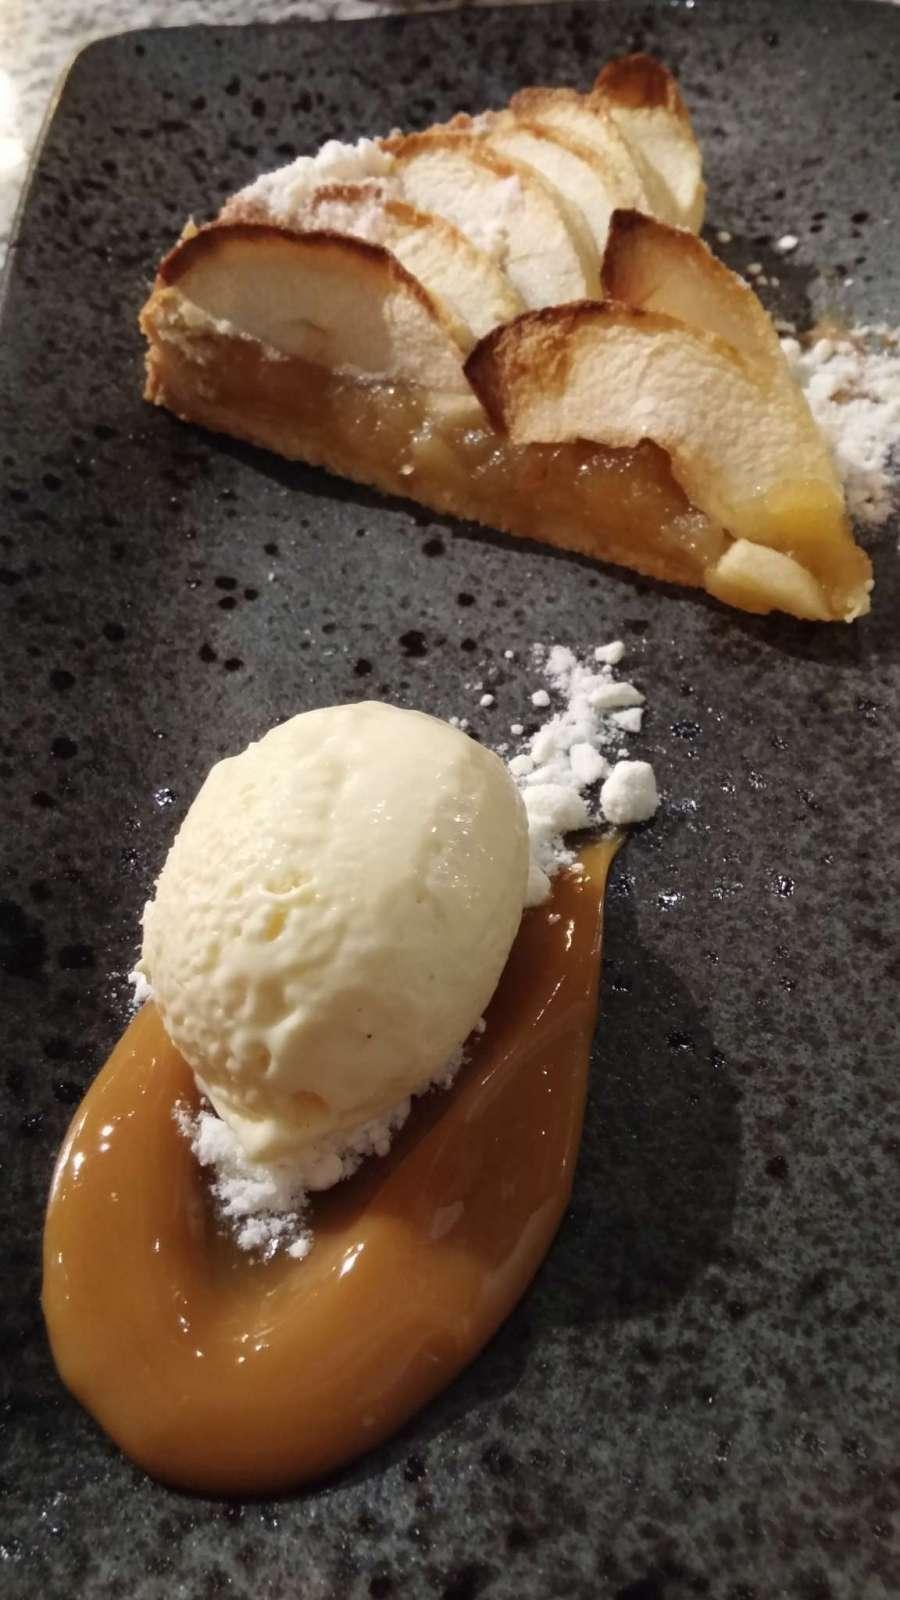 Apple tart (vanilla ice cream, caramel sauce)